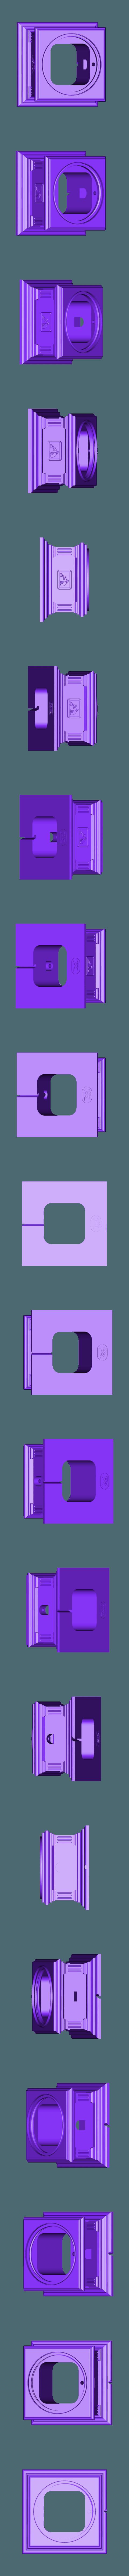 se10041a126.stl Télécharger fichier STL gratuit Lampe à gramophone • Modèle imprimable en 3D, Toolmoon